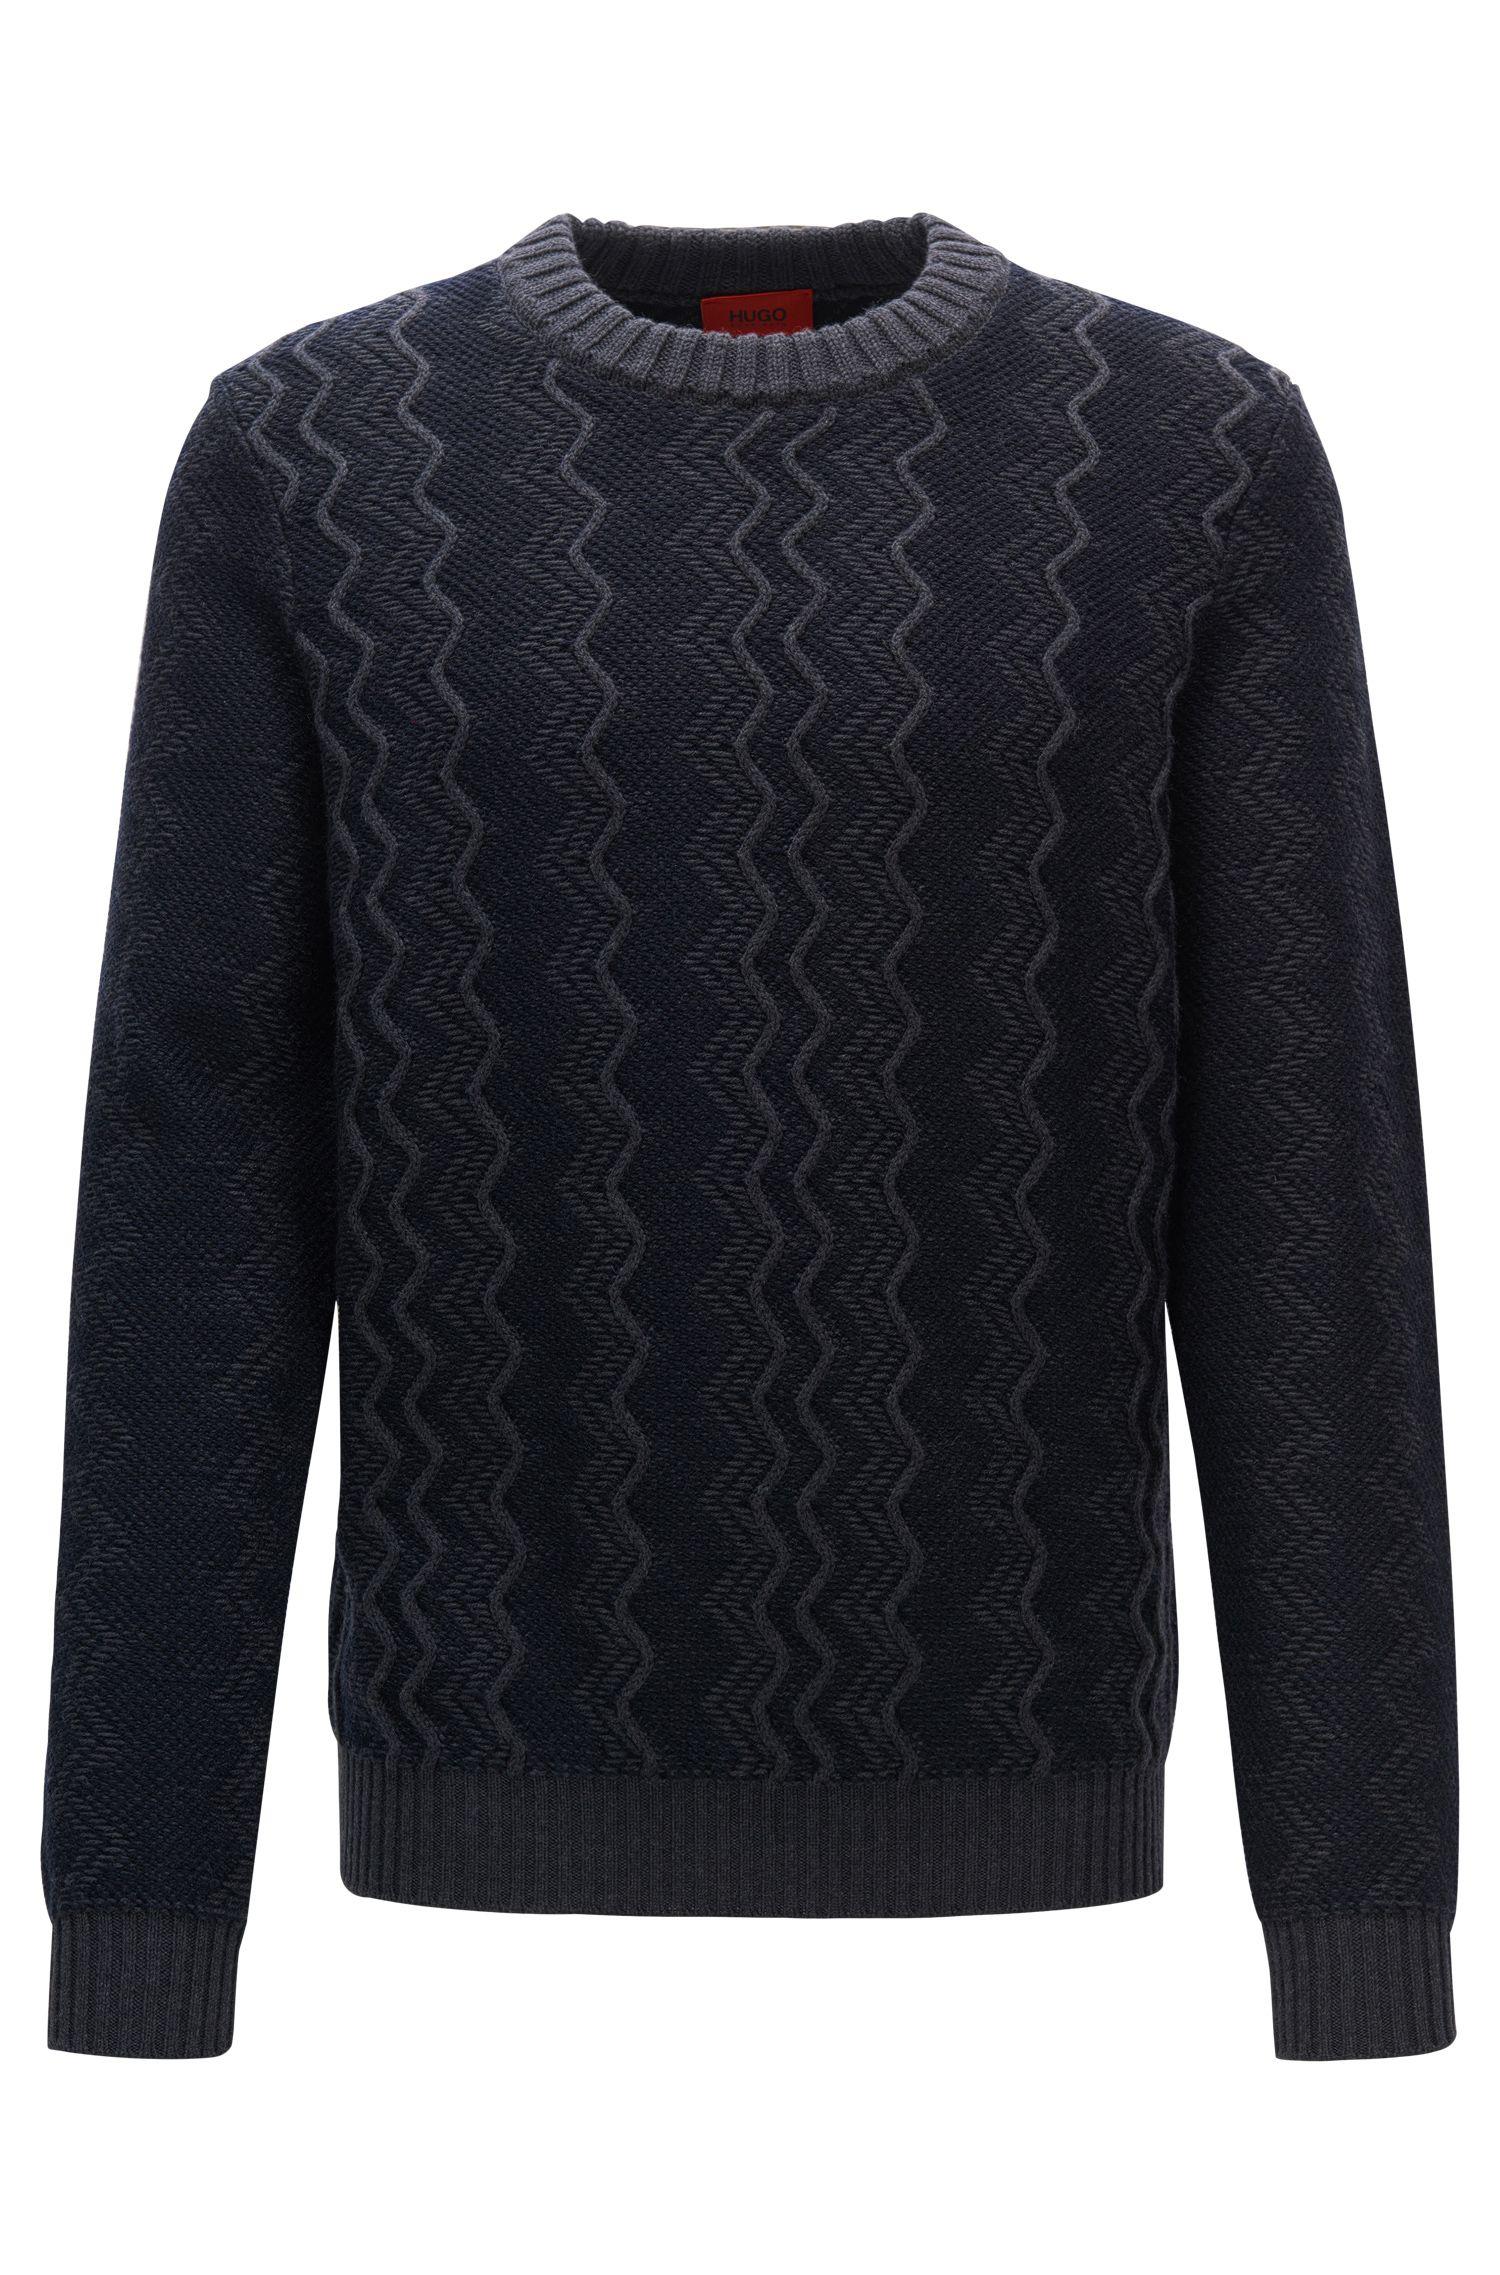 Zig Zag Virgin Wool Sweater | Sigsag